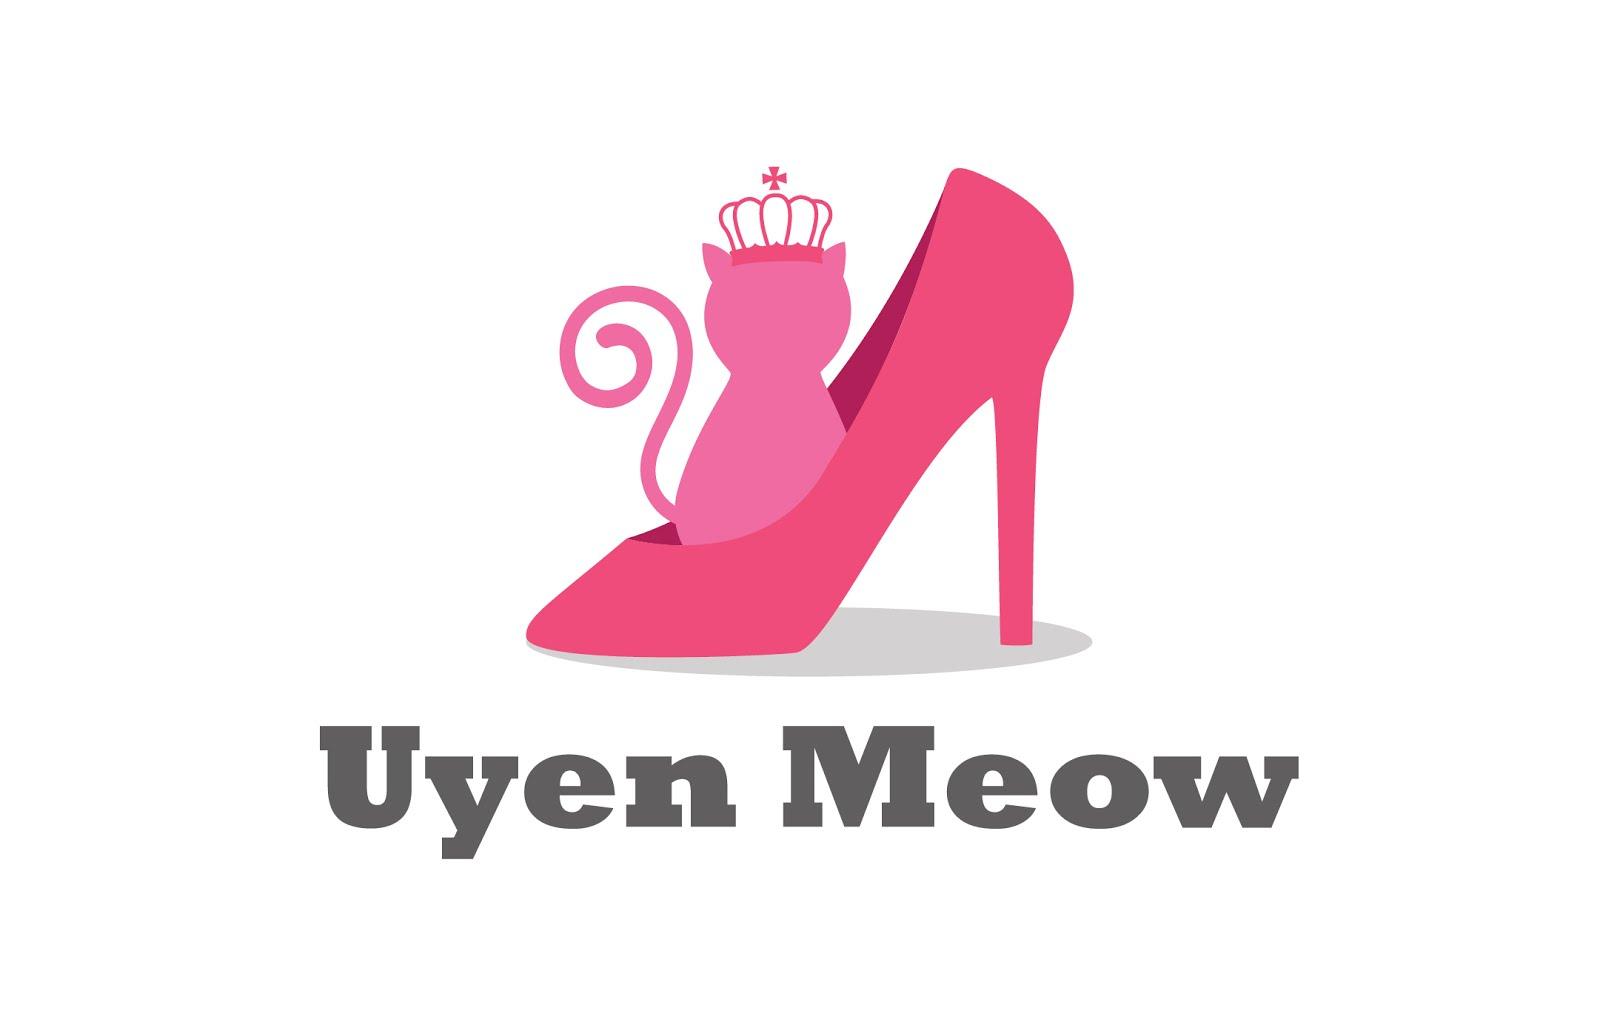 Uyen Meow